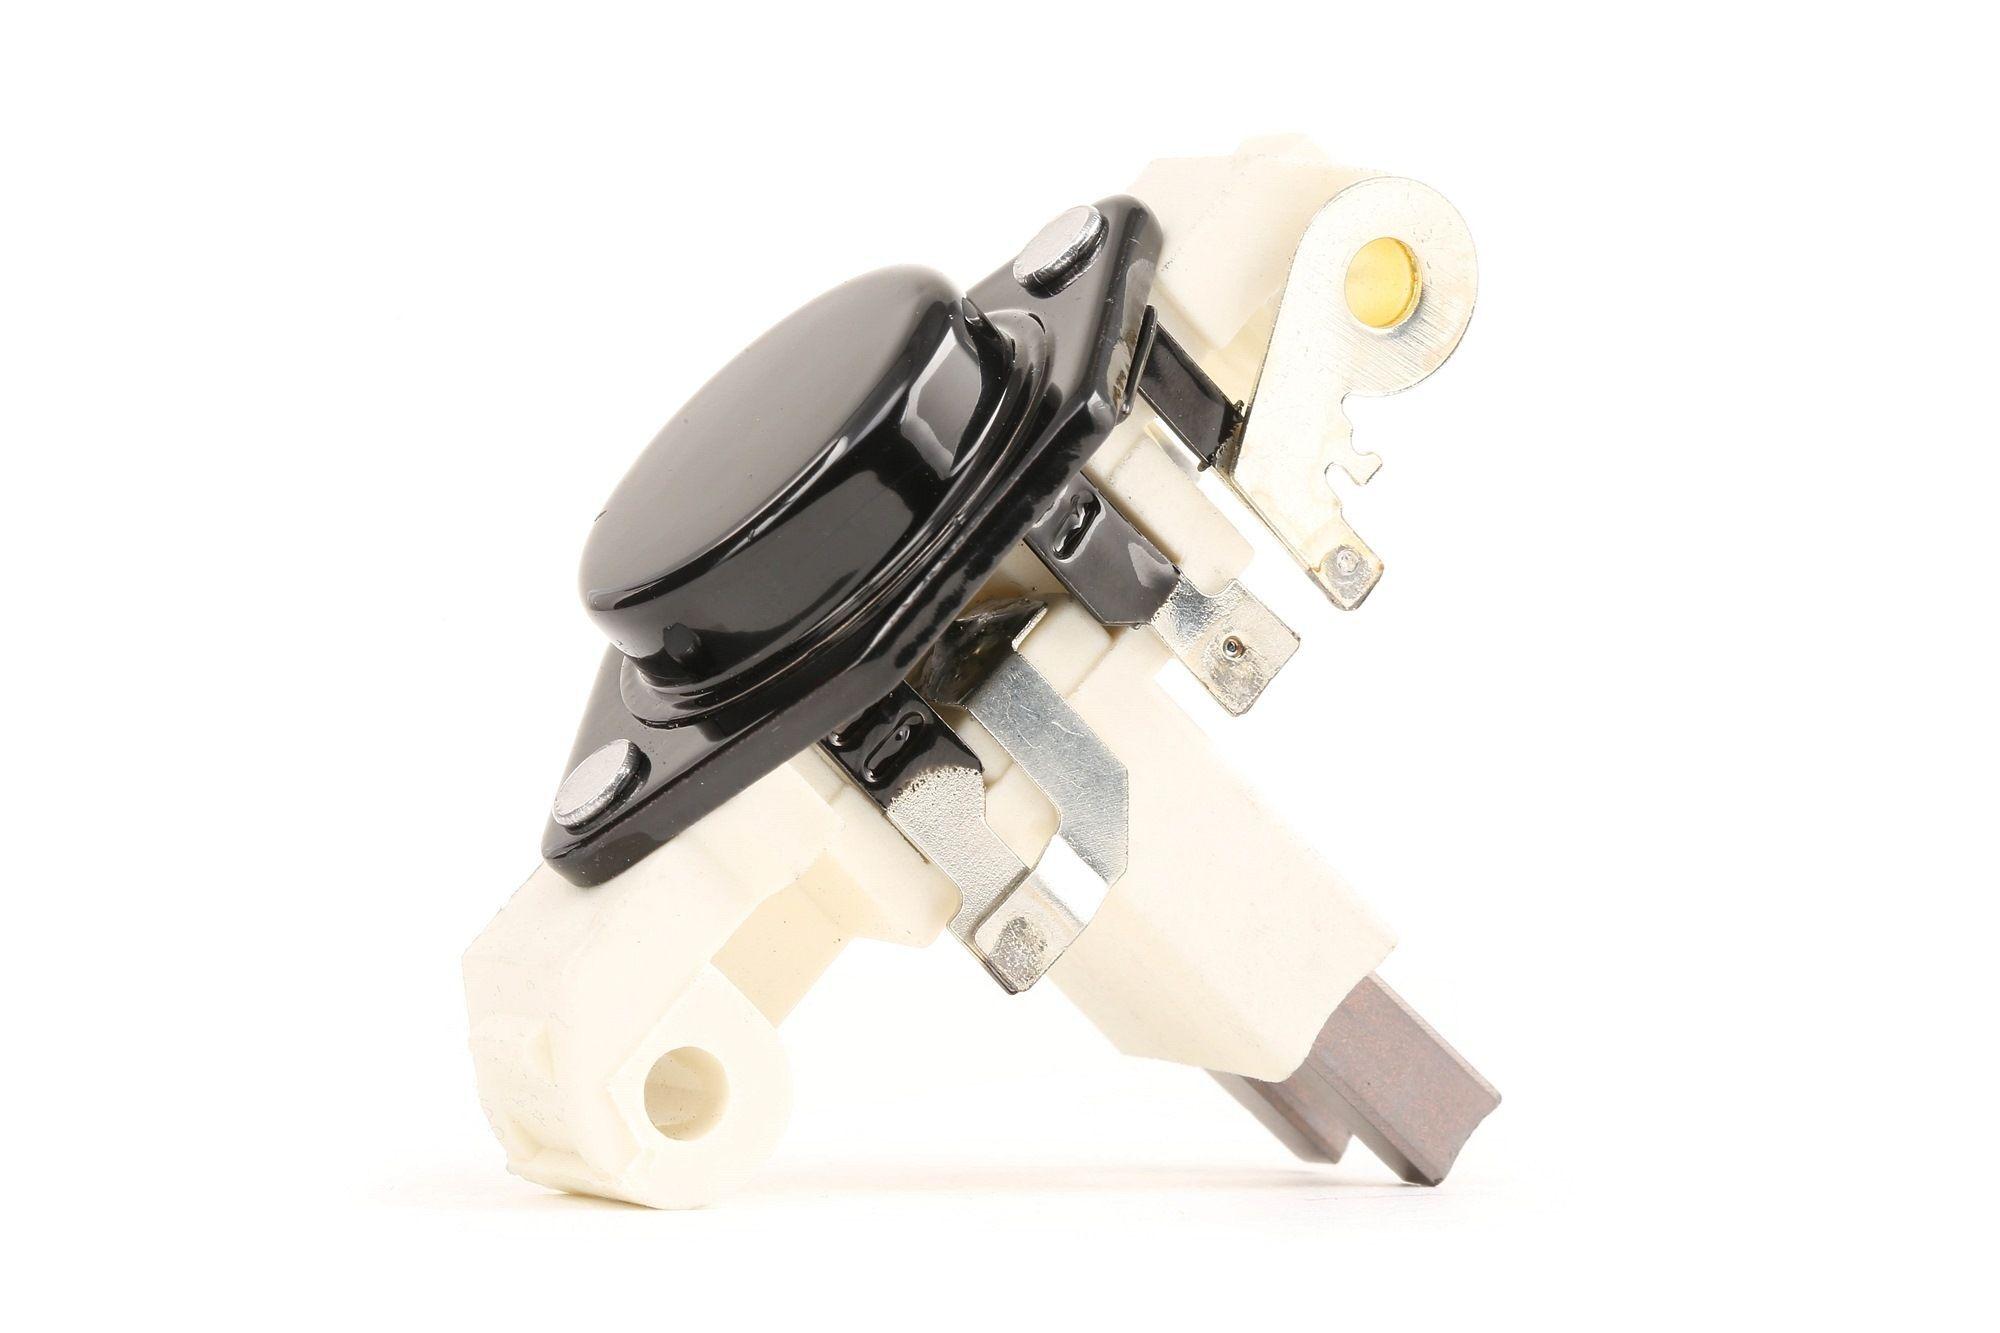 AS-PL Laturin Jännitteensäädin Brand new AS-PL Starter motor planet gear ARE0006 Laturin Säädin,Jänniteensäädin JOHN DEERE,Series 6010,Series 6020